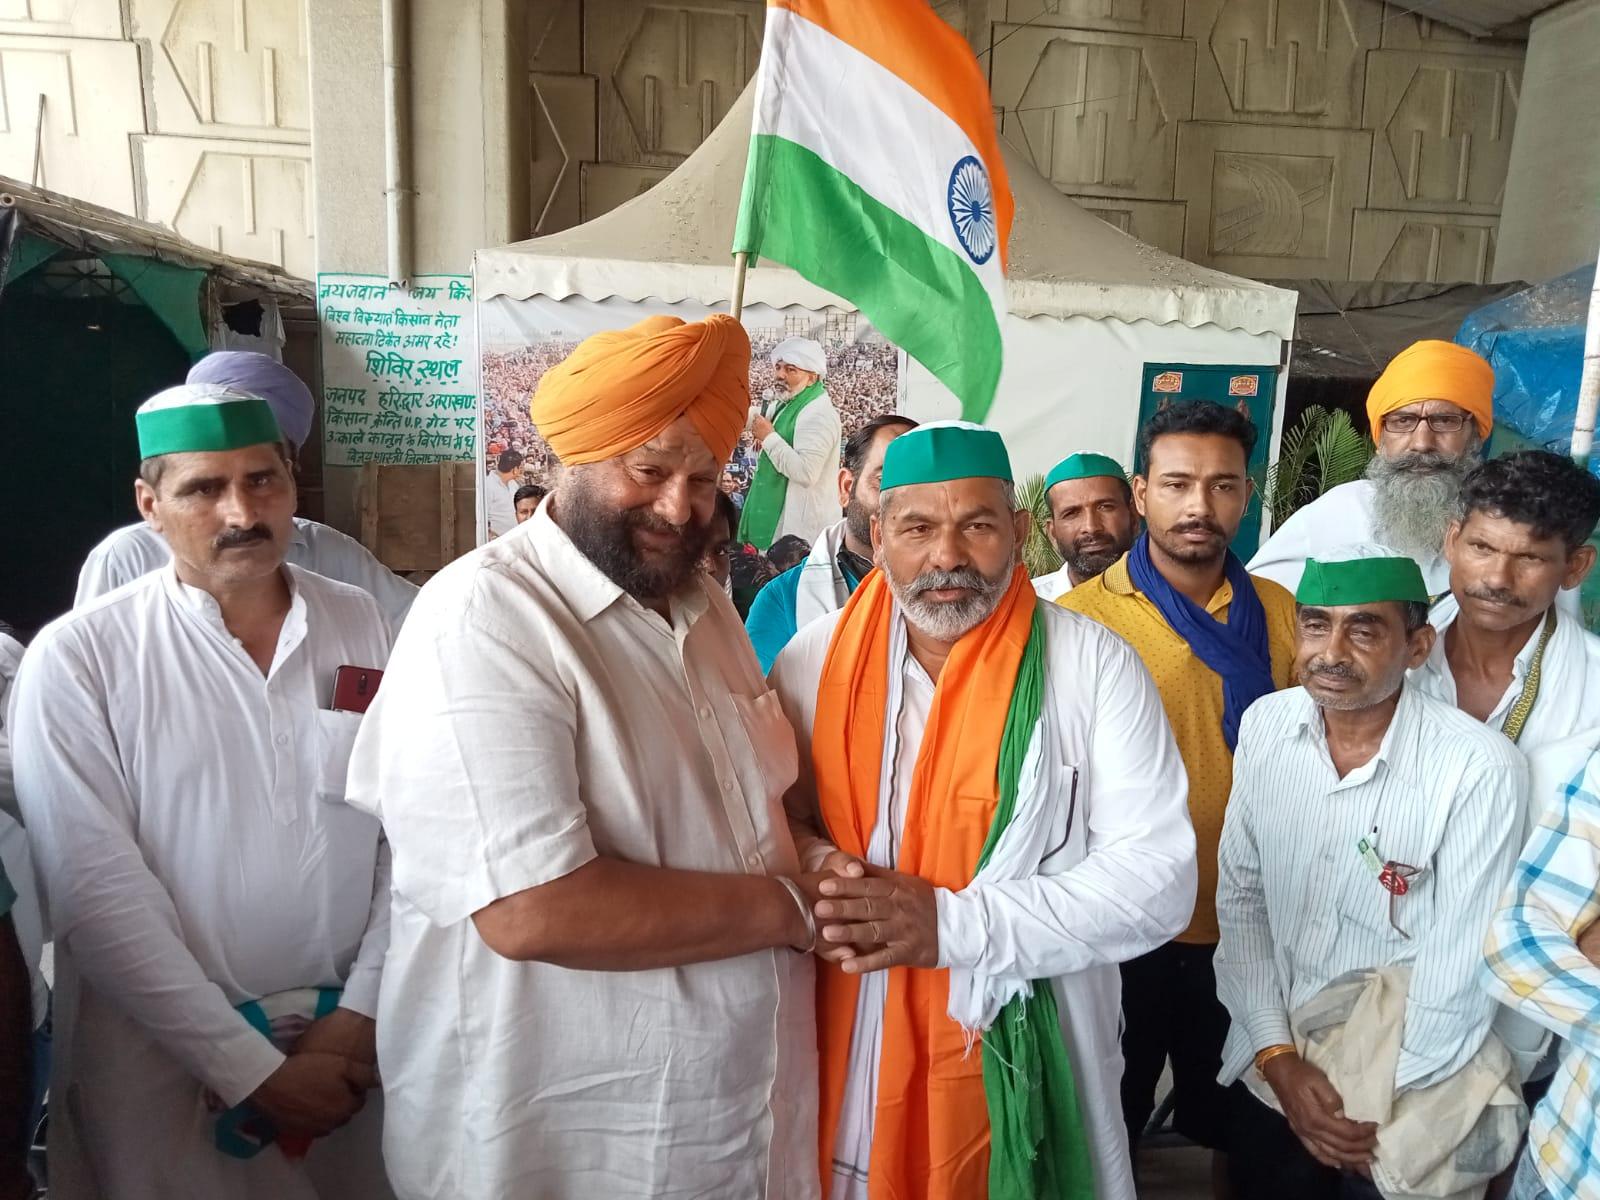 किसान नेता राकेश टिकैत से गाजीपुर बॉर्डर पर मिले मारवाह, कहा- संयुक्त किसान मोर्चे को ताकतवर बनाना है